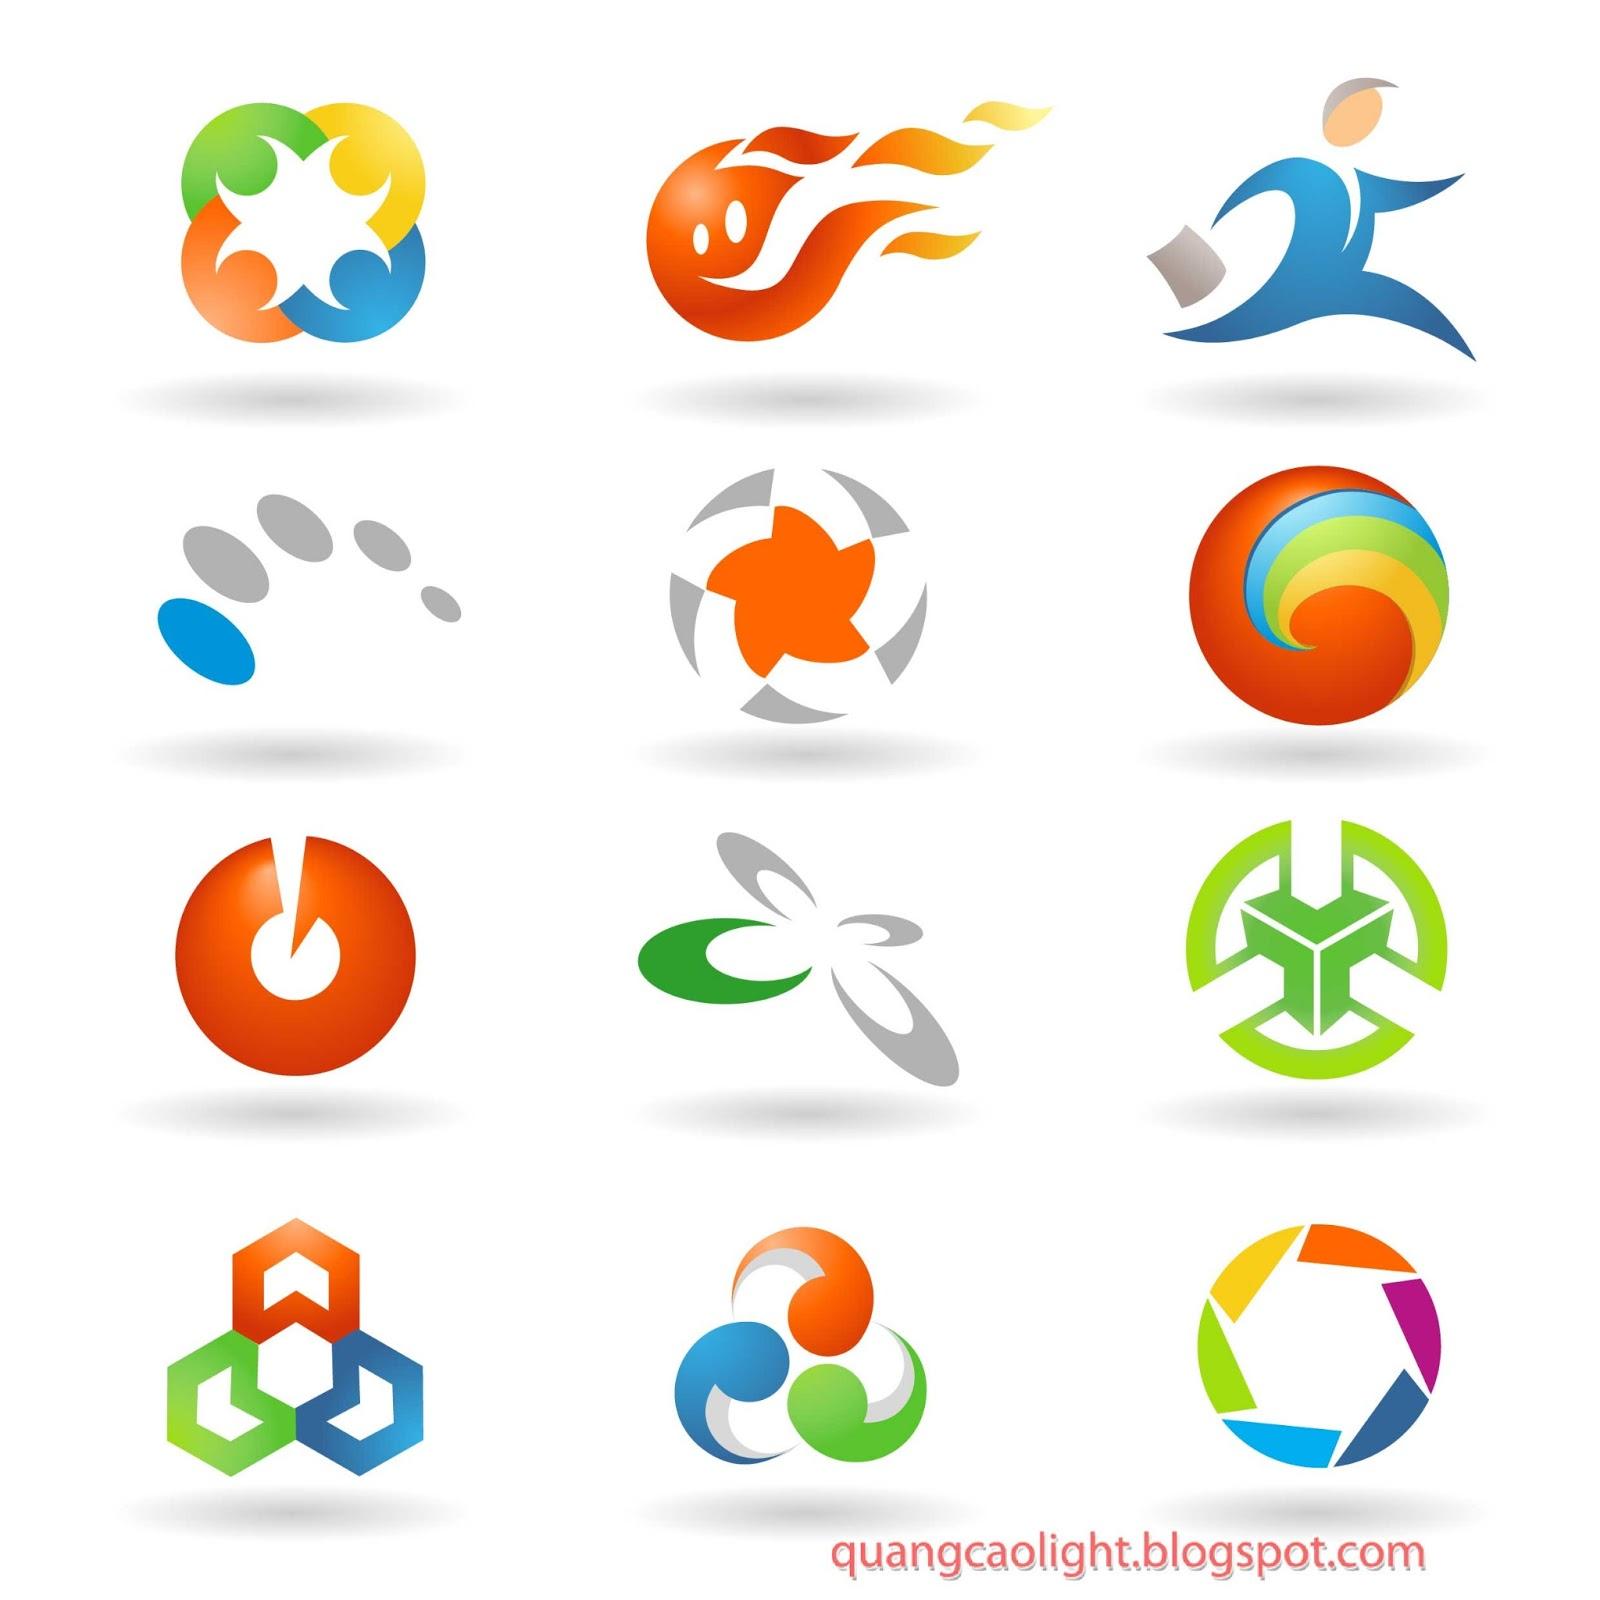 Векторный клипарт логотипы в cdr 3